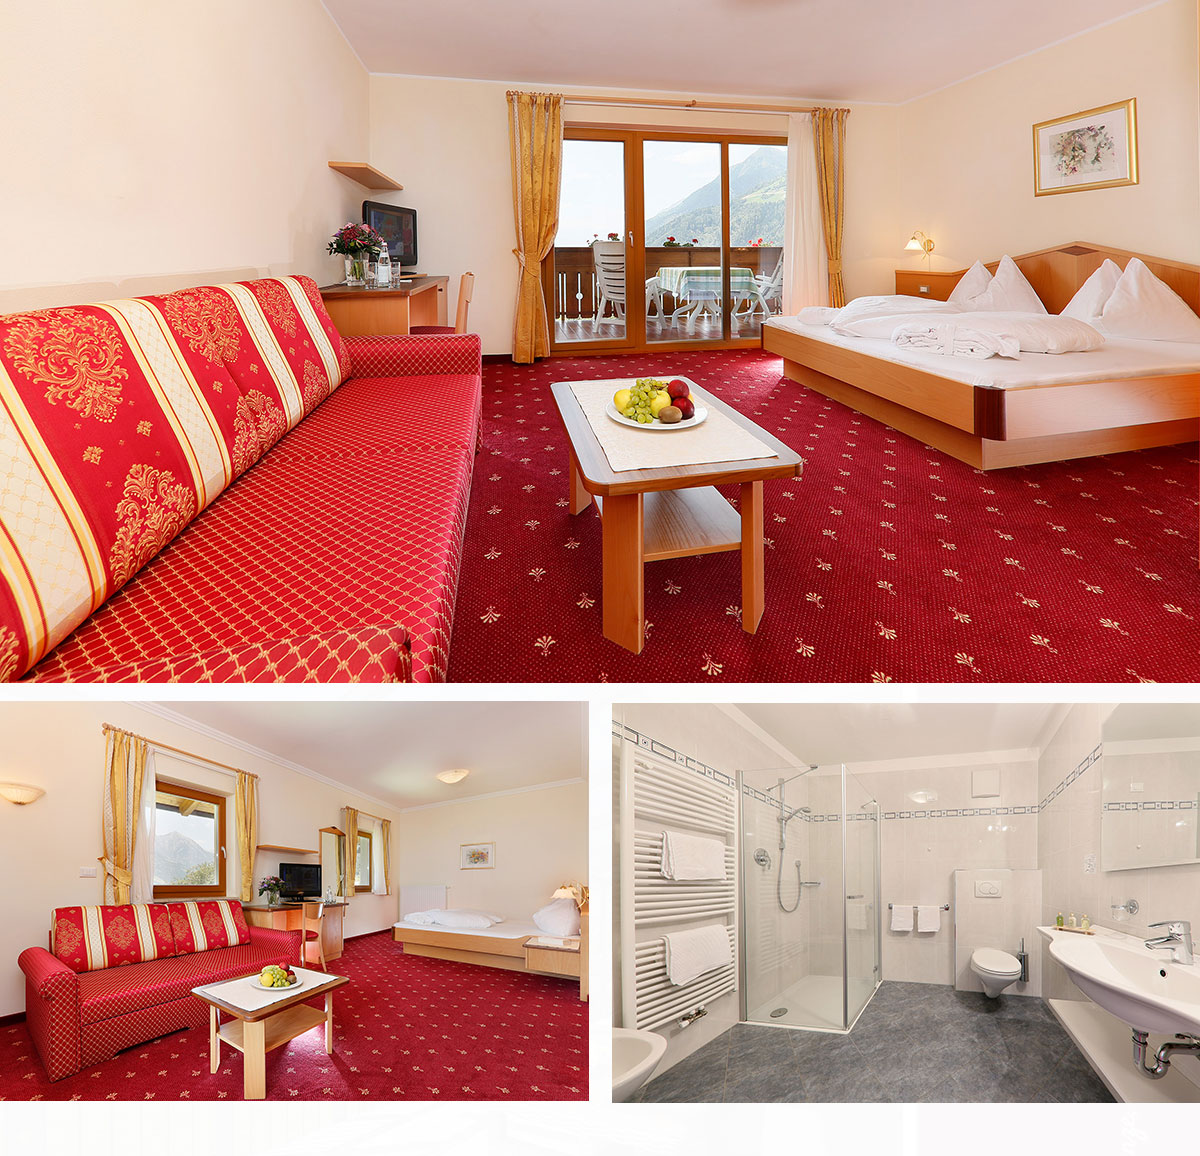 Zimmer Hotel Schon Aussicht